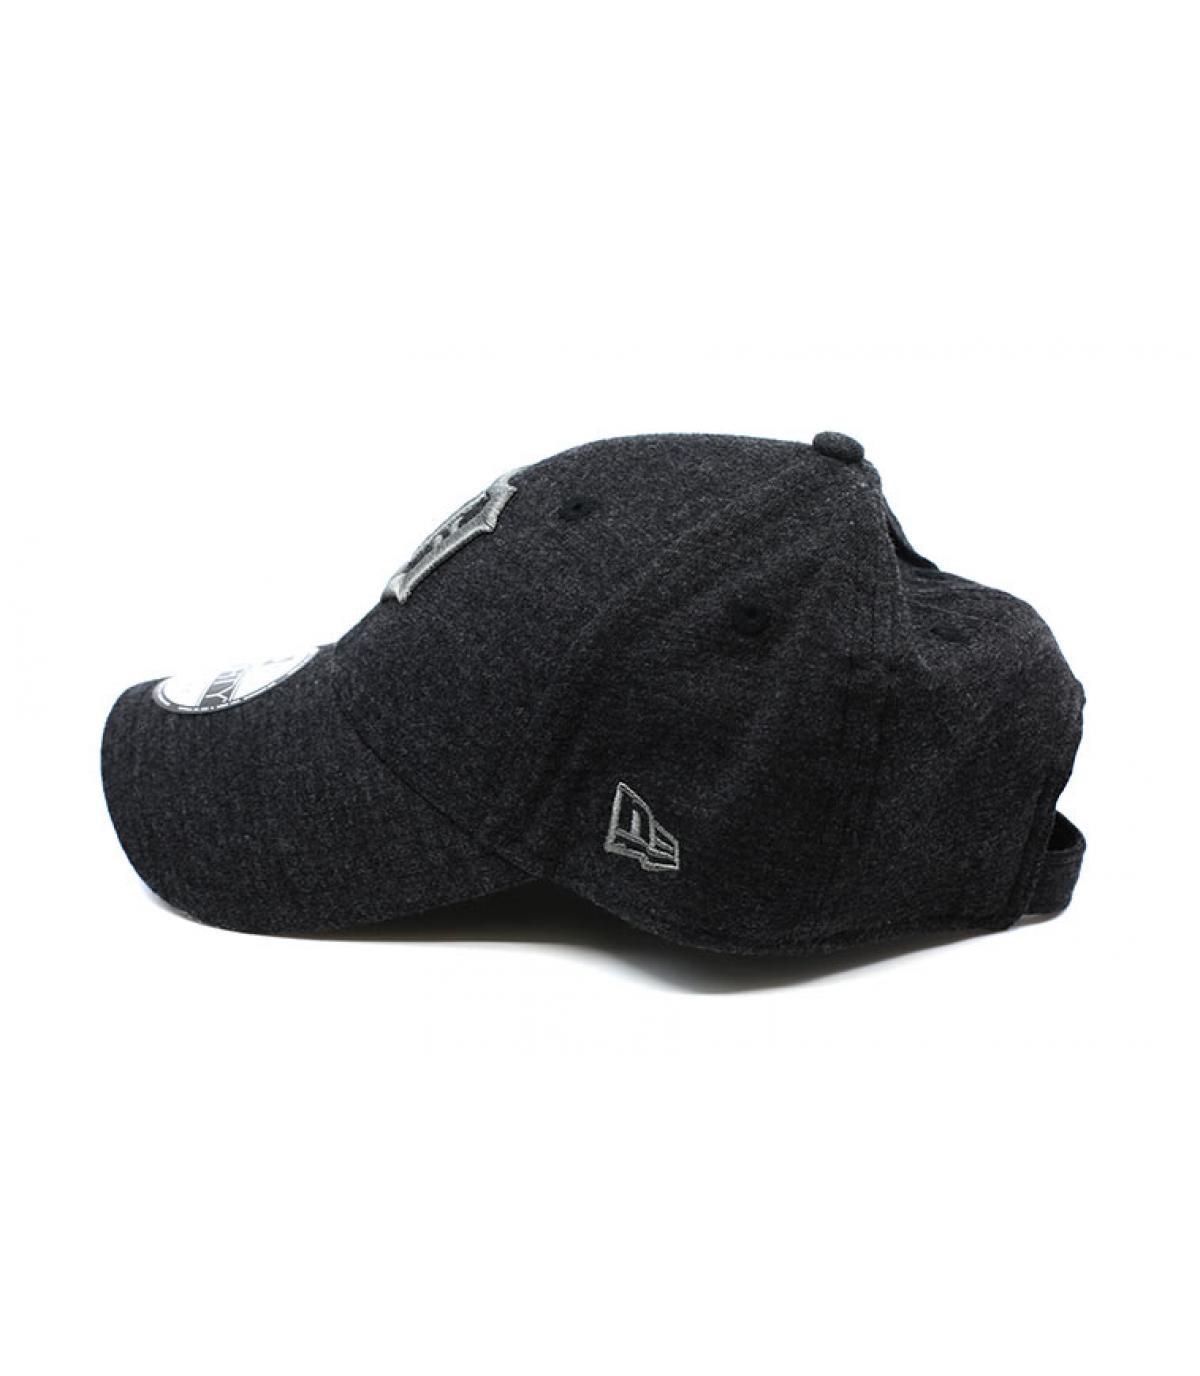 Détails Casquette MLB Jersey Detroit graphite - image 4